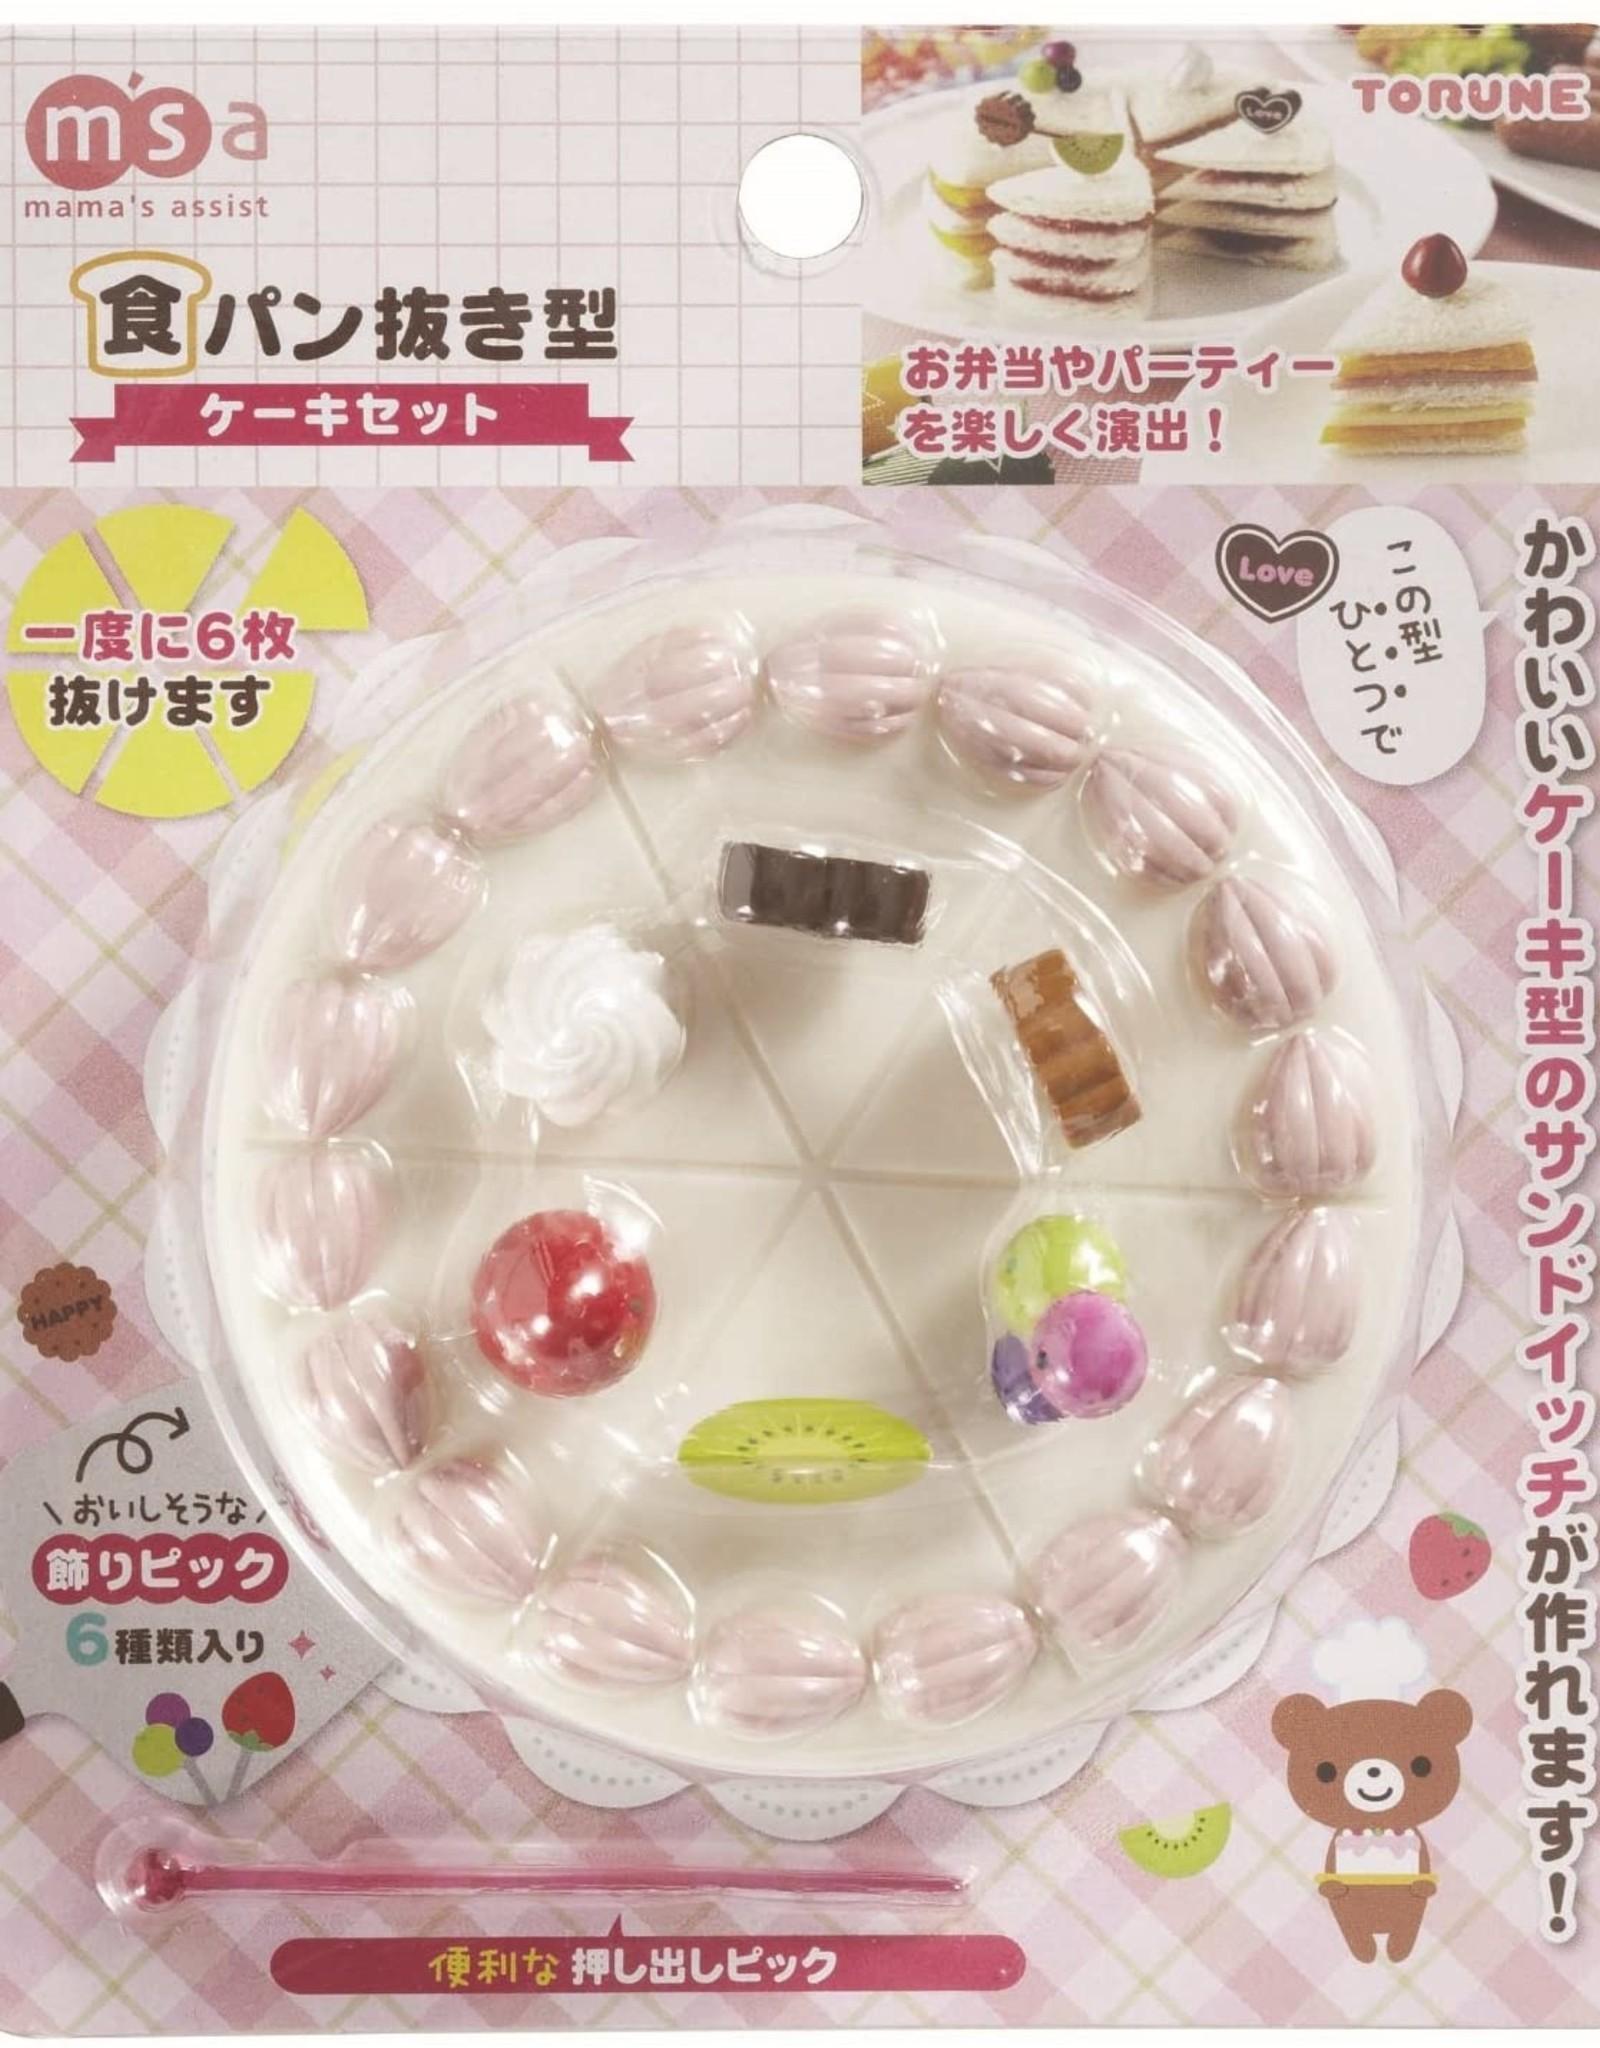 Torune Boterhamuitsteker - 'Cake set'